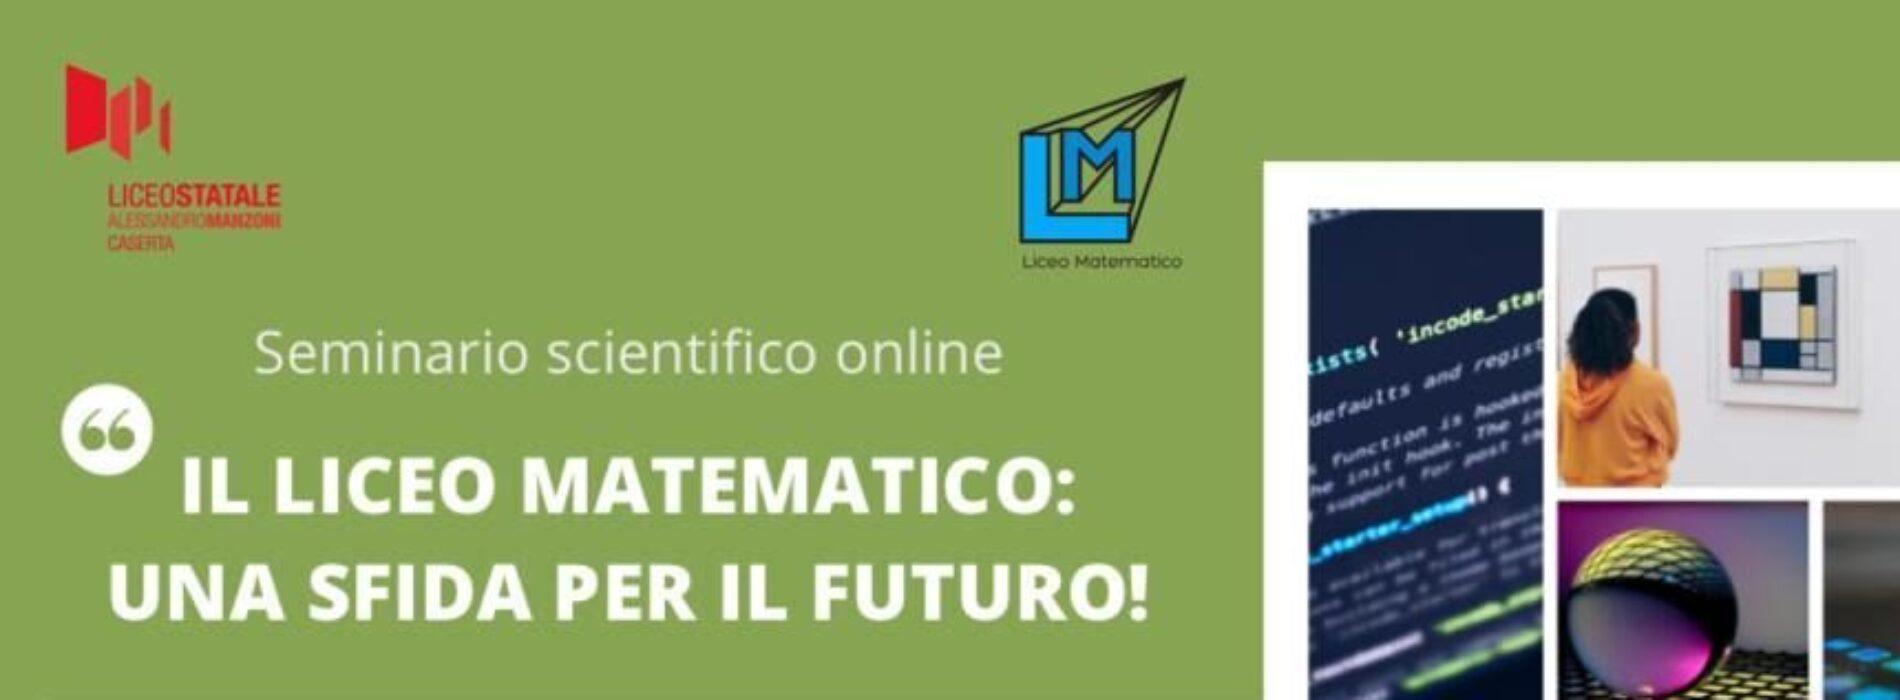 Liceo Matematico, sfida per il futuro. Seminario al Manzoni